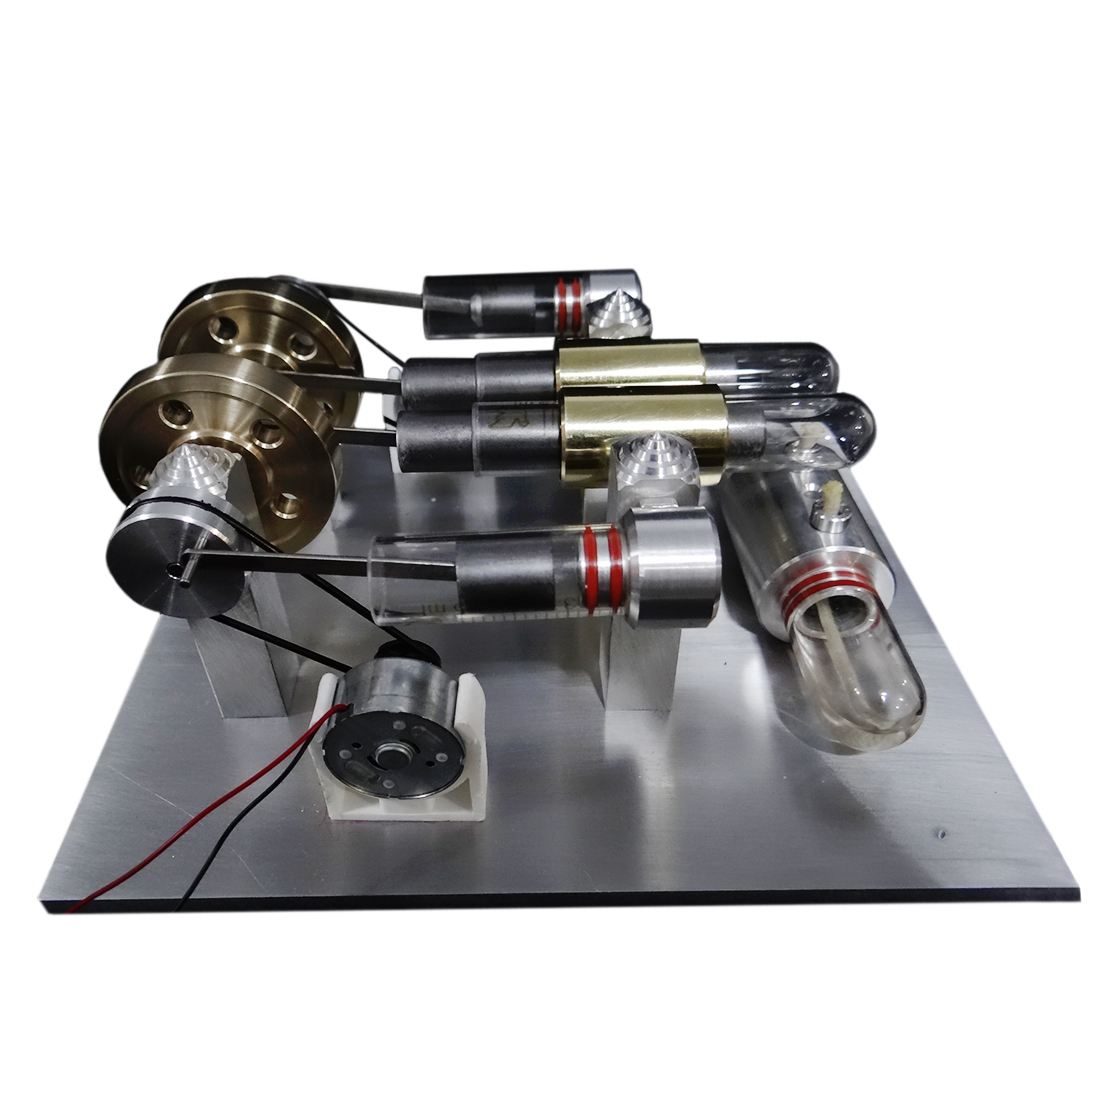 Kits de construction de modèle de moteur de générateur d'agitation de Double-cylindre de Quartz de haute puissance jouets pour des enfants